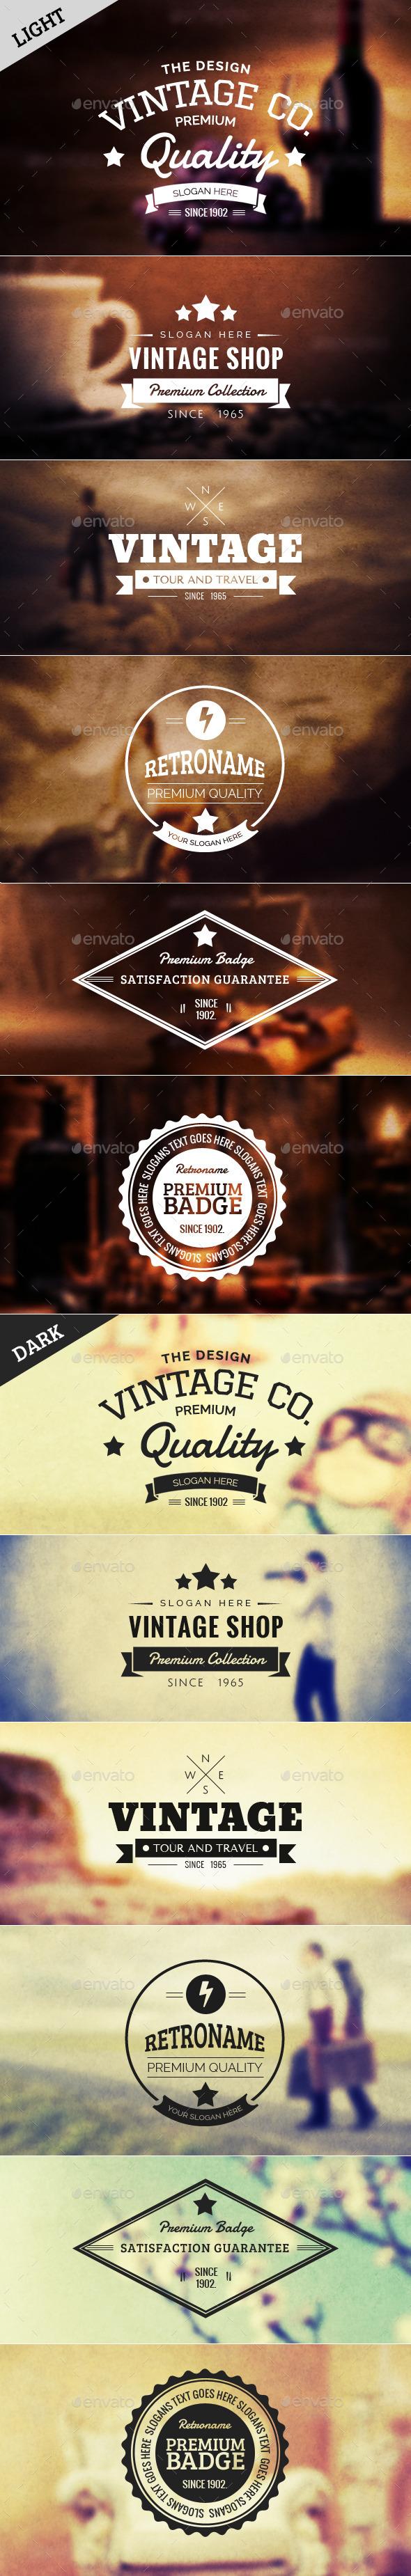 Retro Badge Vol 3 - Badges & Stickers Web Elements